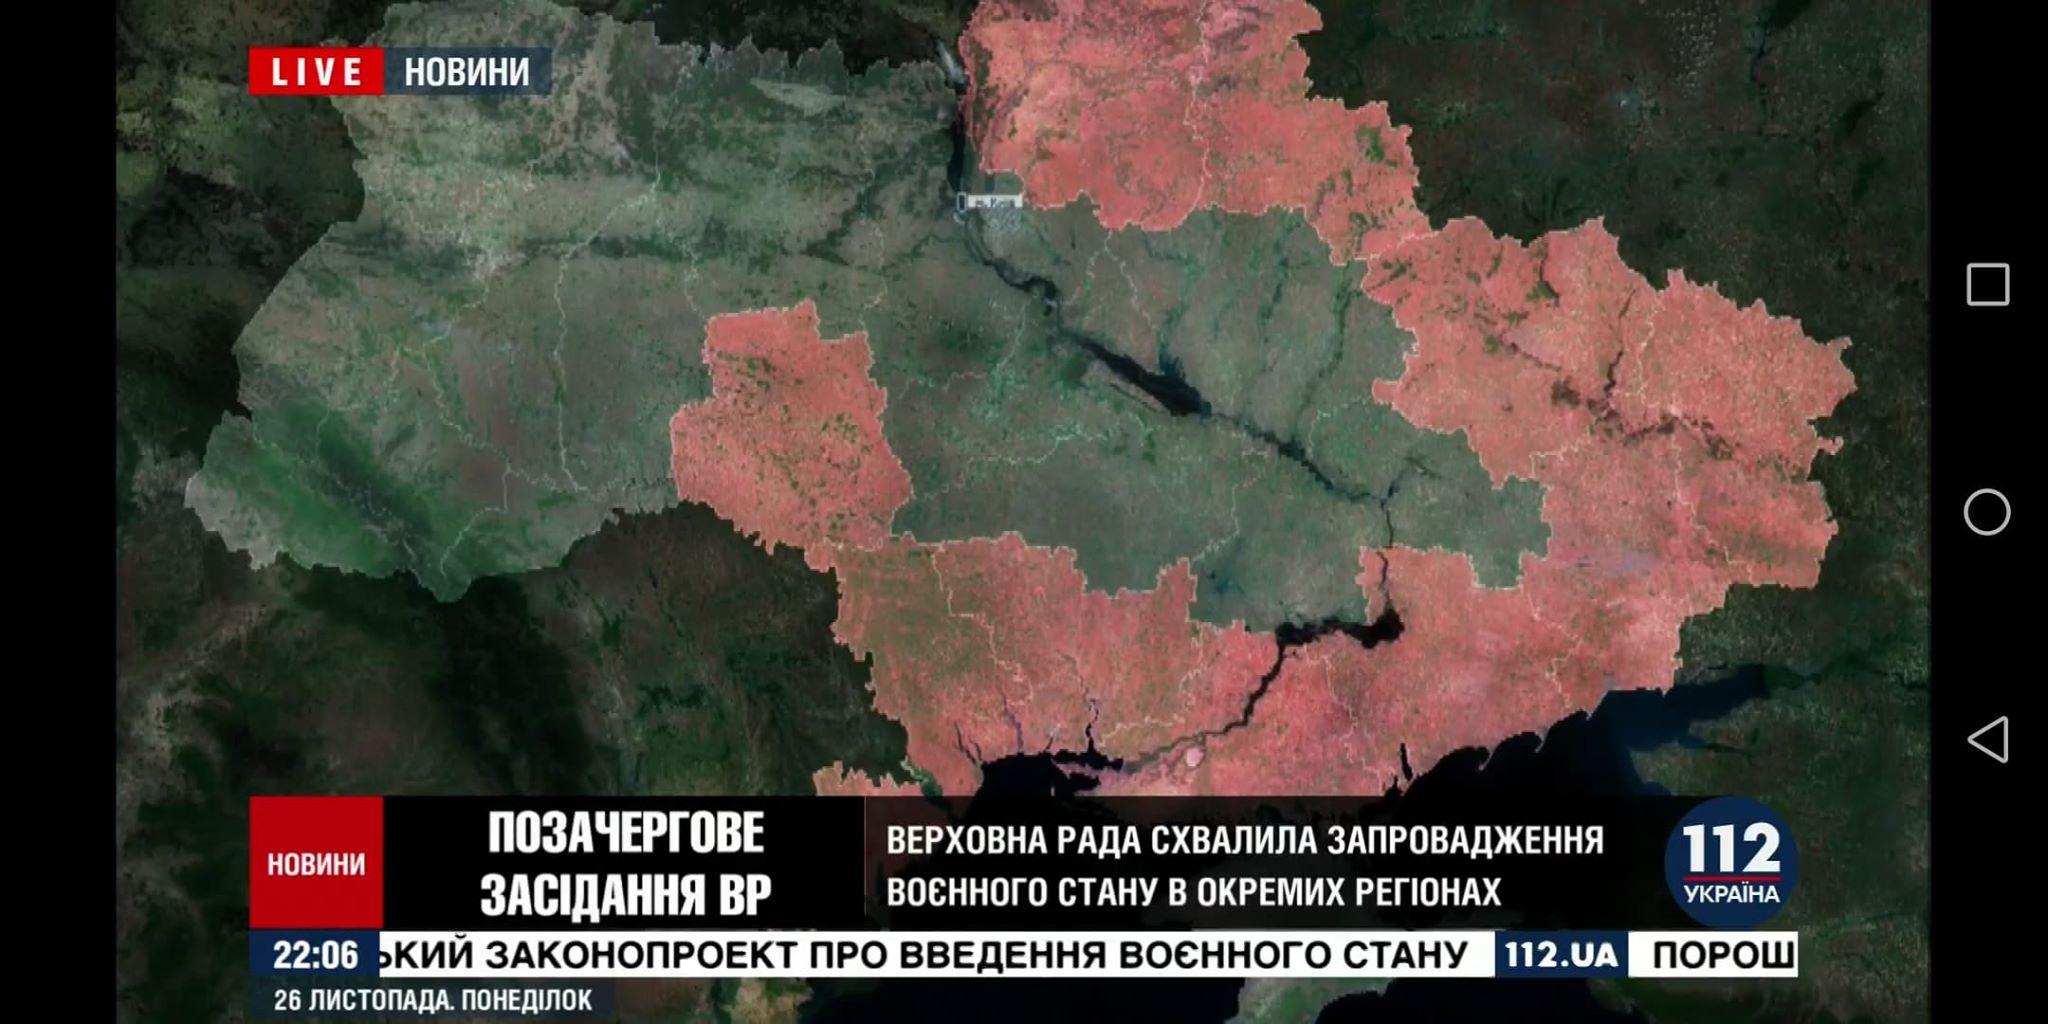 Воєнний стан введуть, депутати підтримали указ президента